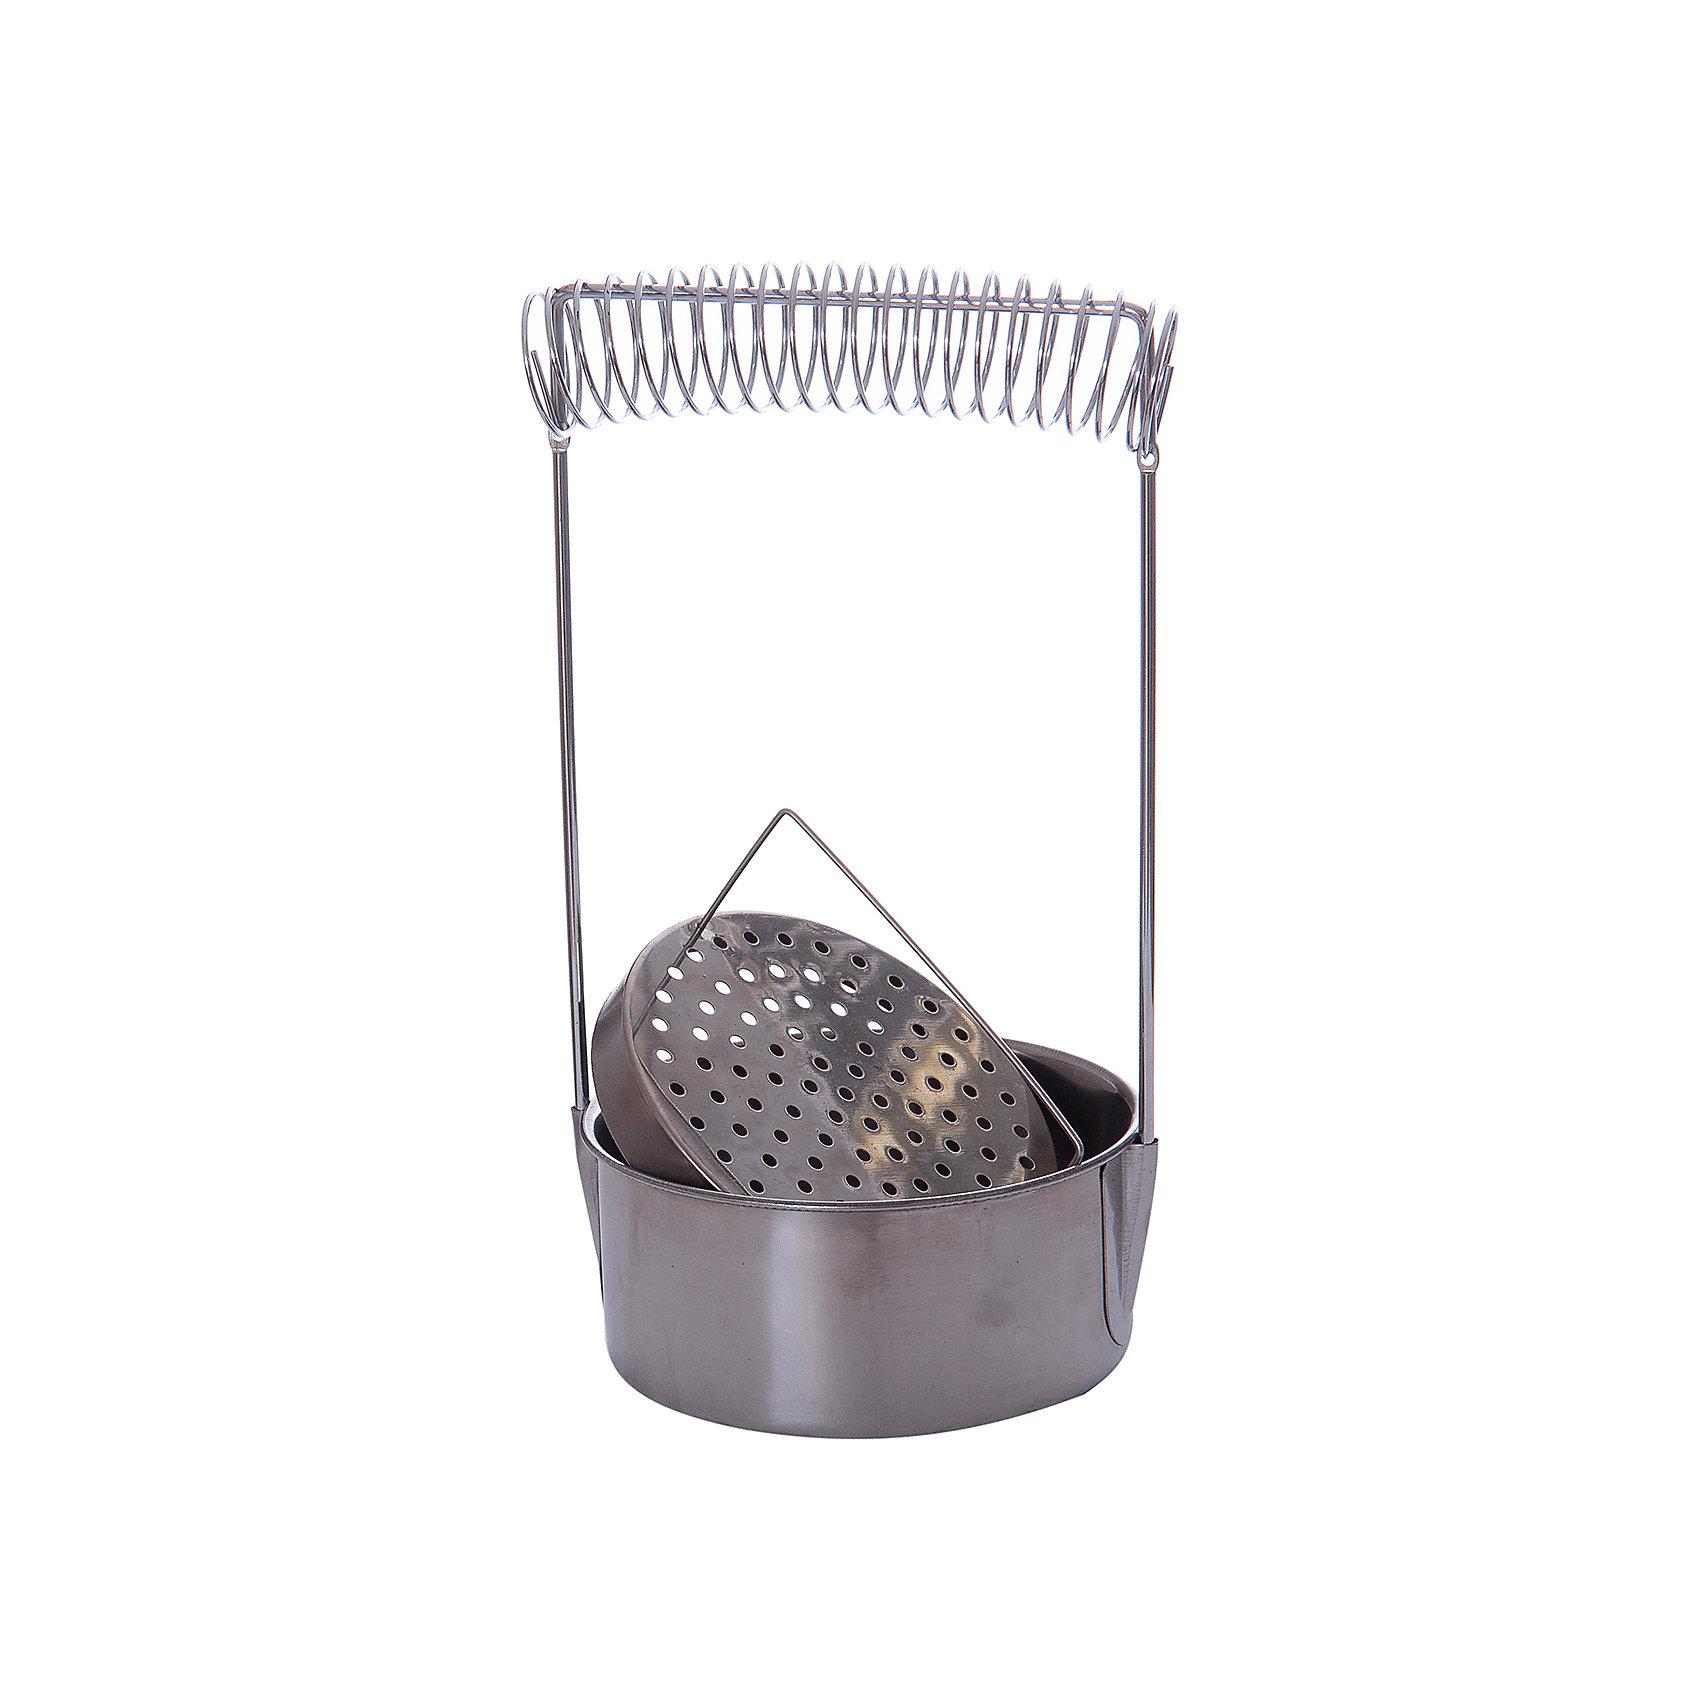 Кистемойка из аллюминия, МалевичъПринадлежности для творчества<br>Характеристики:<br><br>• диаметр: 10,5 см.<br>• высота: 18 см.<br>• материал: алюминий<br>• подходит как для быстрого ополаскивания кистей, так и для их замачивания в растворителе<br>• позволяет отмывать инструменты даже от засохшей краски<br>• не подвержена воздействию химических жидкостей<br>• упругая пружина надежно удерживает ручки кистей<br>• имеет металлическое сито для быстрого очищения инструментов и фильтрации жидкости<br><br>Аксессуар, с помощью которого удобно ополаскивать кисти в процессе работы и отмывать их от засохшей краски, не повреждая ворса.<br><br>Вместительная кистемойка Малевичъ изготовлена из не подверженного коррозии алюминия, устойчивого к воздействию растворителей, разбавителей и других химических жидкостей. Форма в виде низкого цилиндра с широким основанием гарантирует устойчивость приспособления, а его стальная пружина способна надежно удерживать несколько кистей одновременно.<br><br>Кистемойку можно использовать в качестве приспособления для хранения кистей.<br><br>Кистемойку из алюминия, Малевичъ можно купить в нашем интернет-магазине.<br><br>Ширина мм: 120<br>Глубина мм: 50<br>Высота мм: 150<br>Вес г: 161<br>Возраст от месяцев: 36<br>Возраст до месяцев: 2147483647<br>Пол: Унисекс<br>Возраст: Детский<br>SKU: 6910384